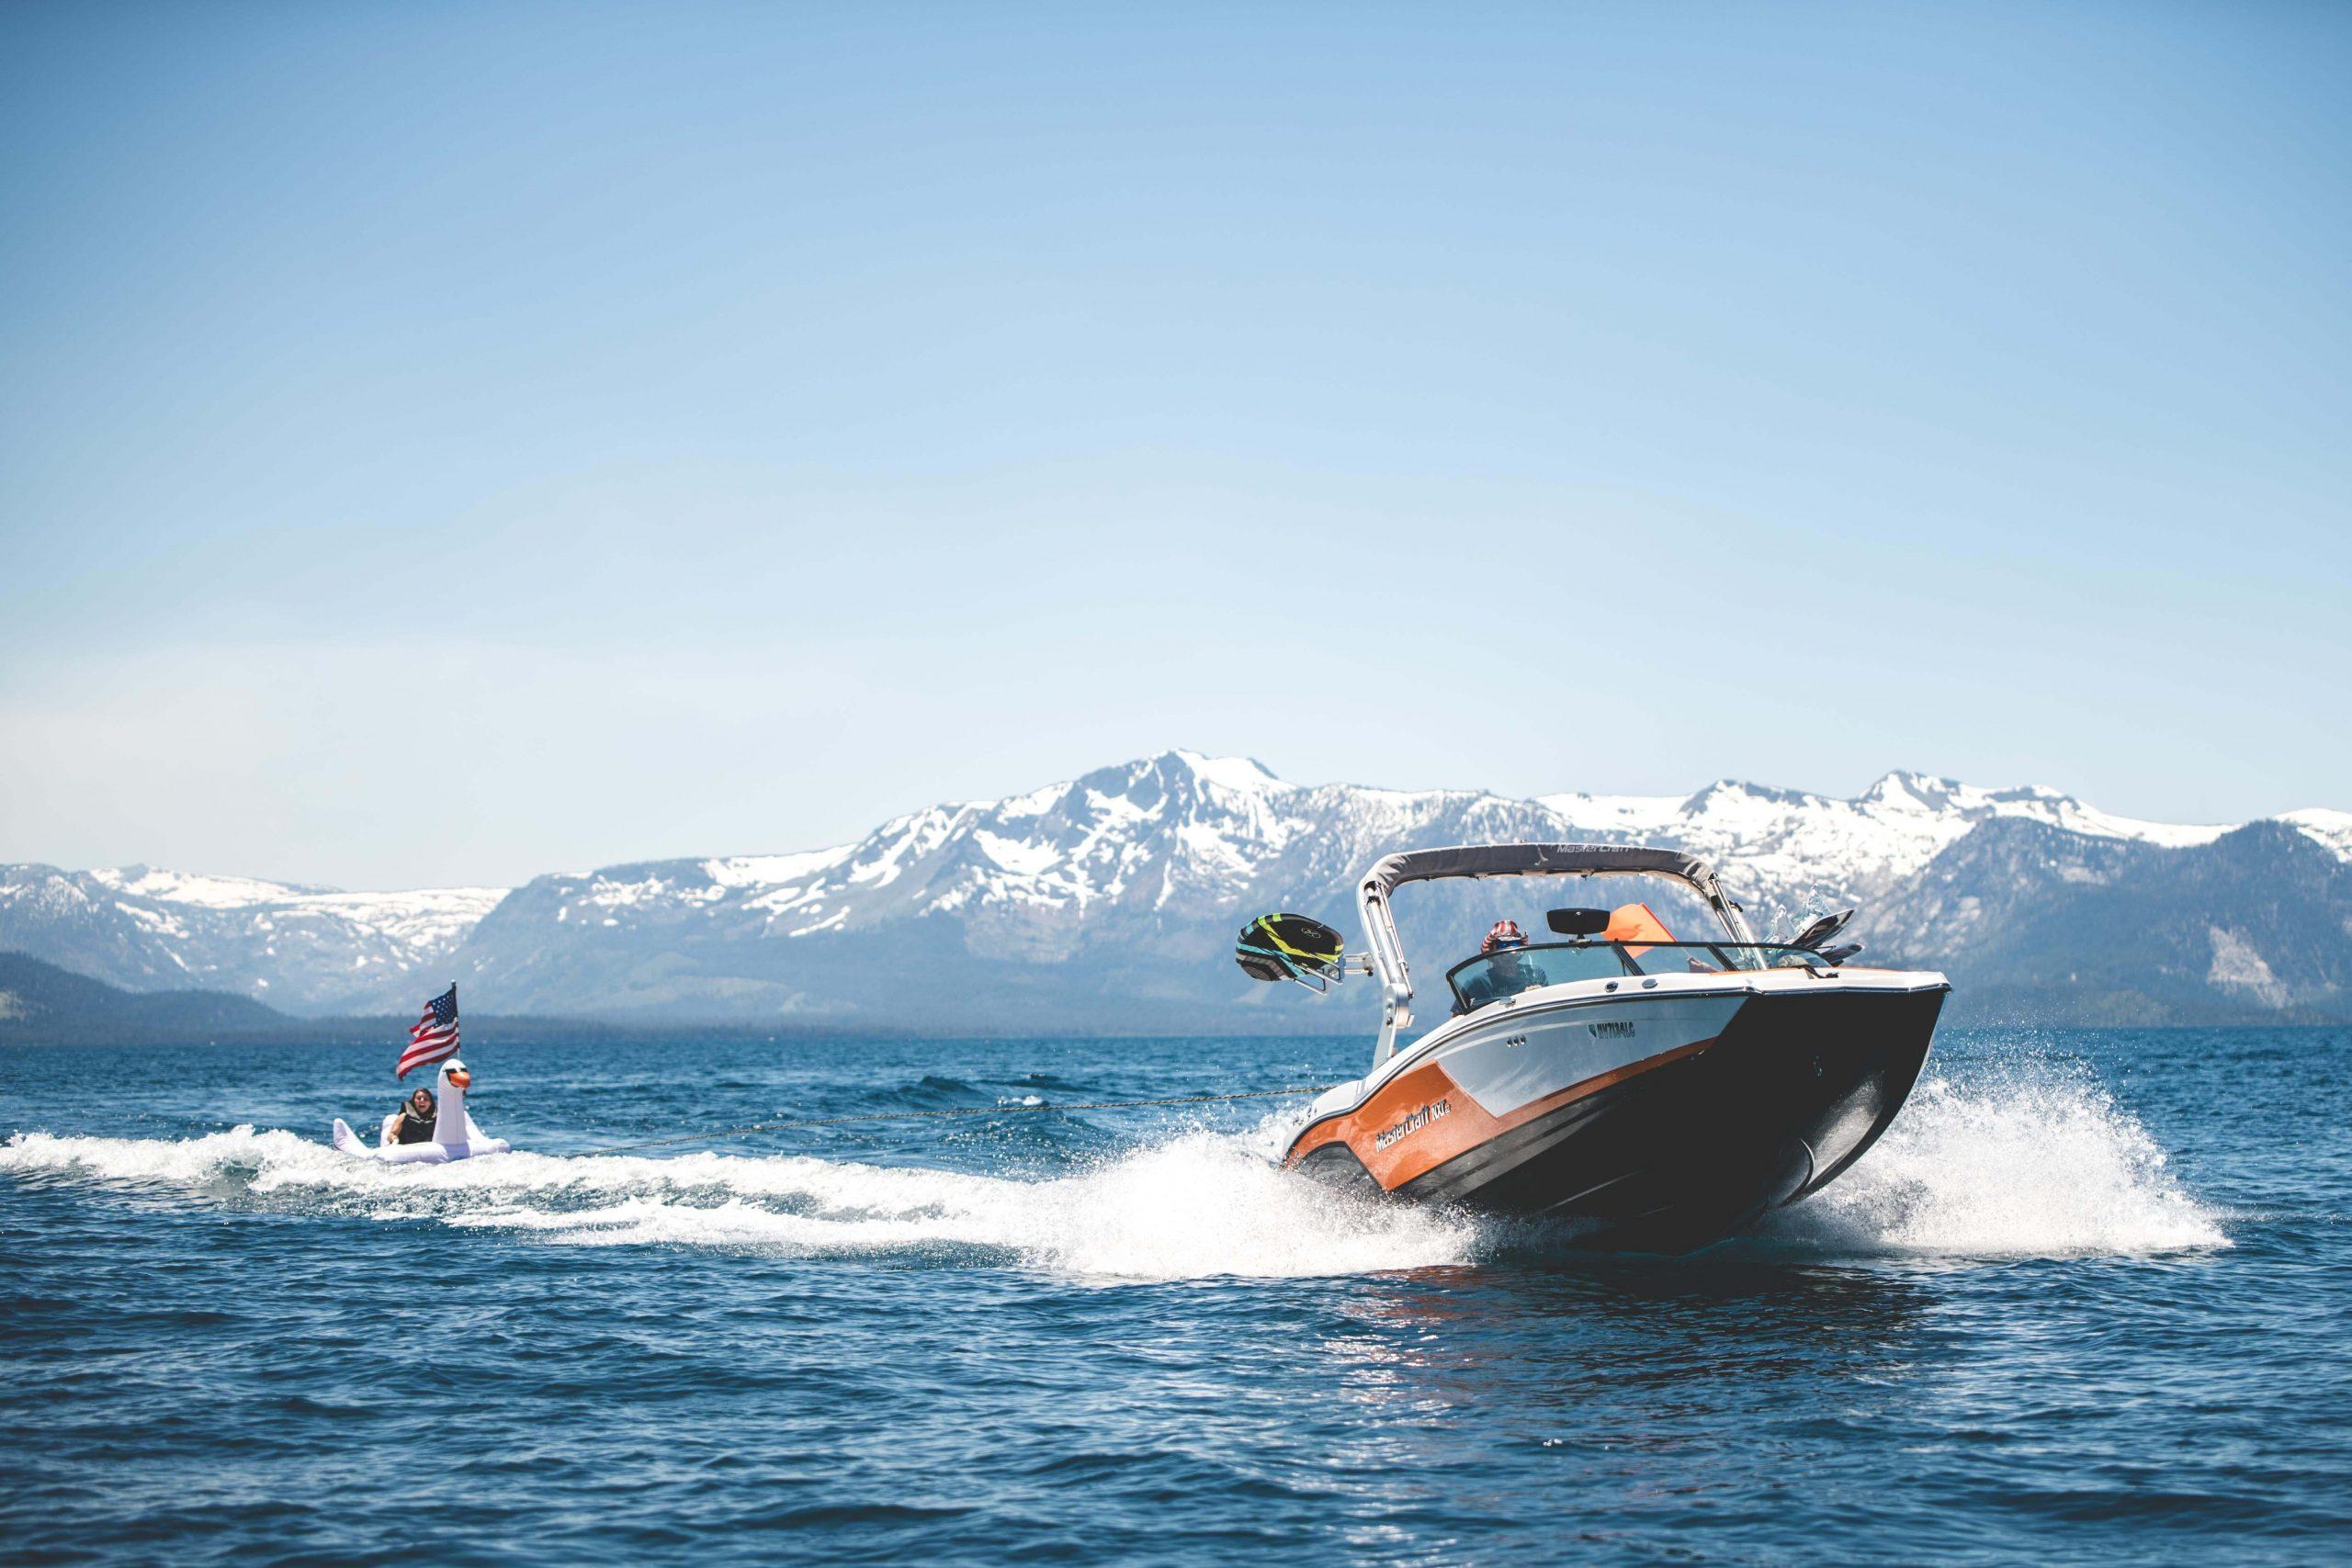 tahoe wakesurfing